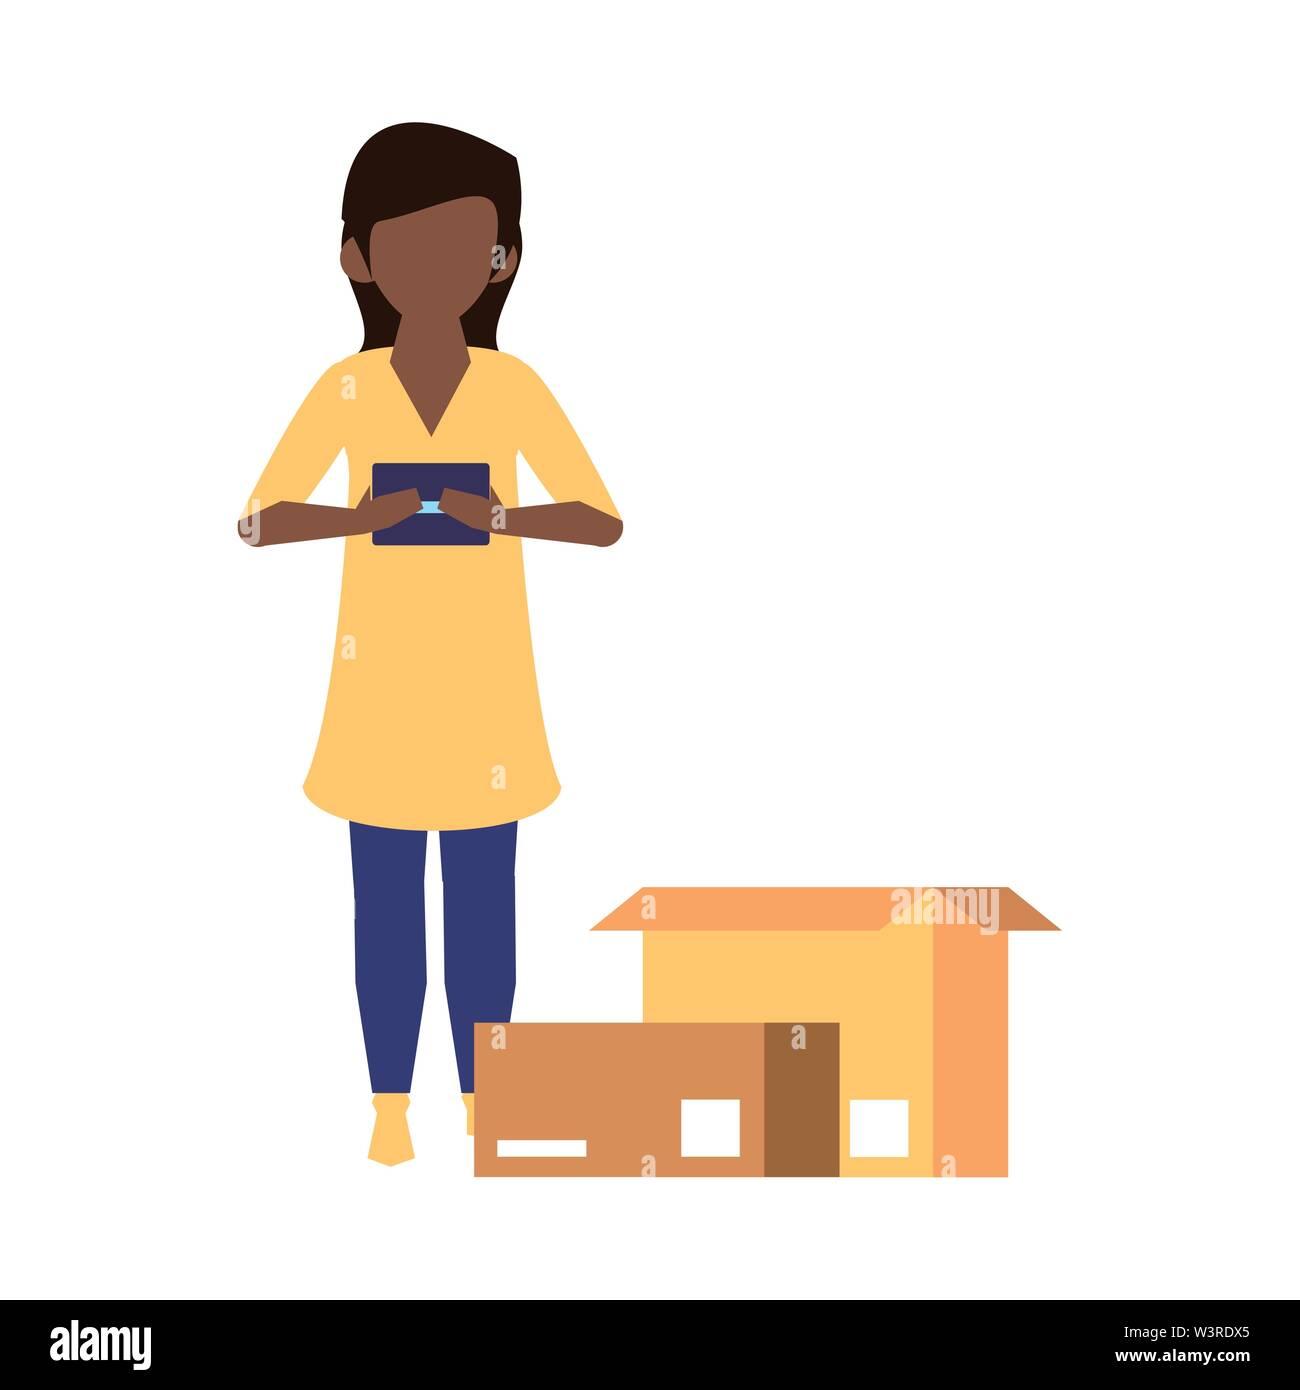 Femme en utilisant la technologie mobile smartphone pour lire message de chat et un service de livraison logistique cartoon vector illustration graphic design Photo Stock